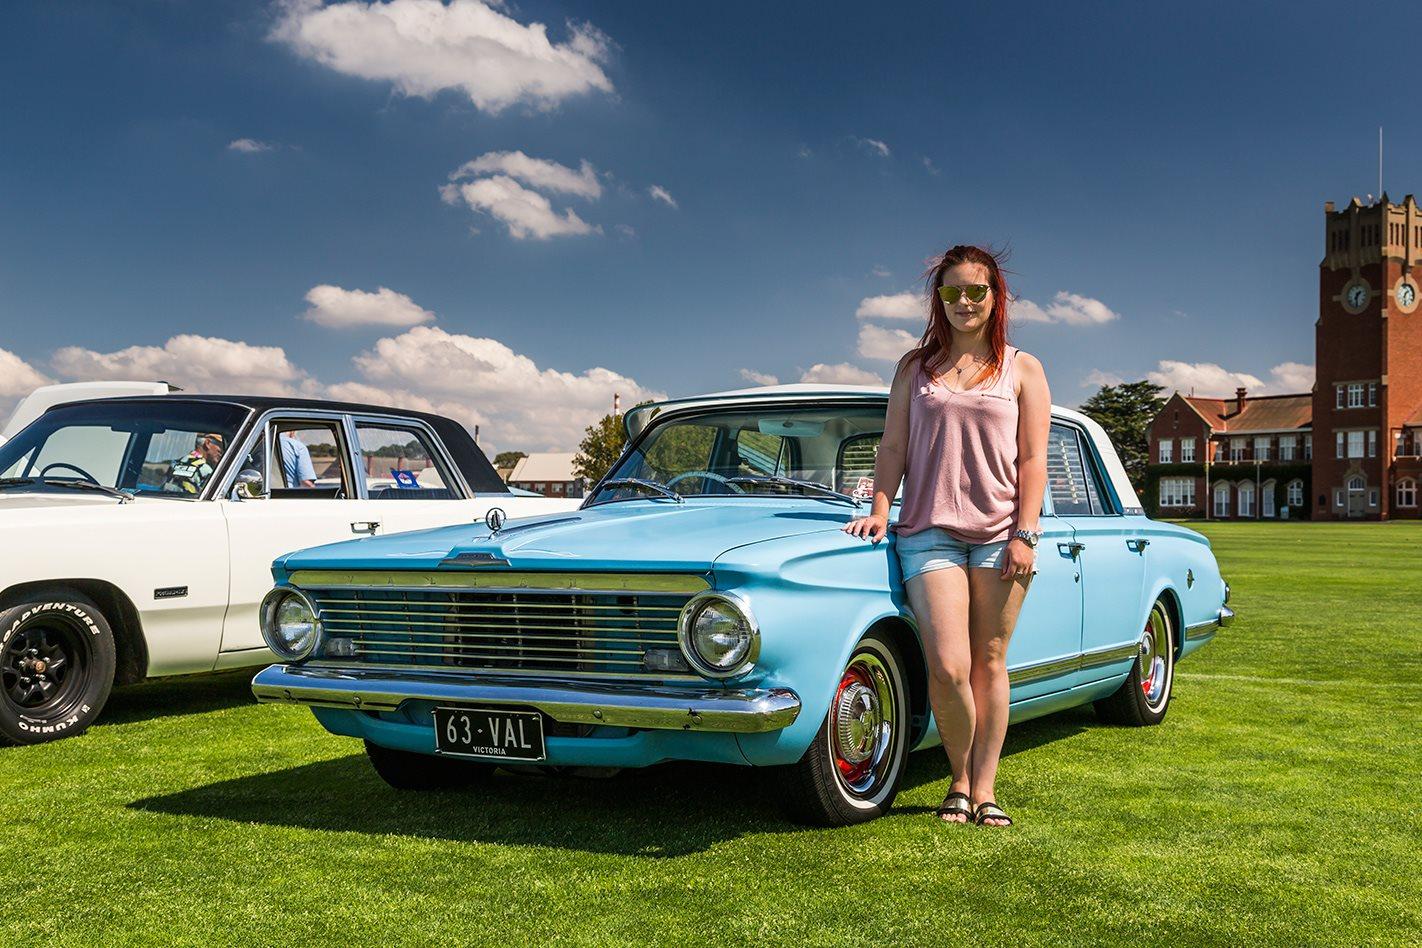 Holly Giddings's Chrysler Valiant